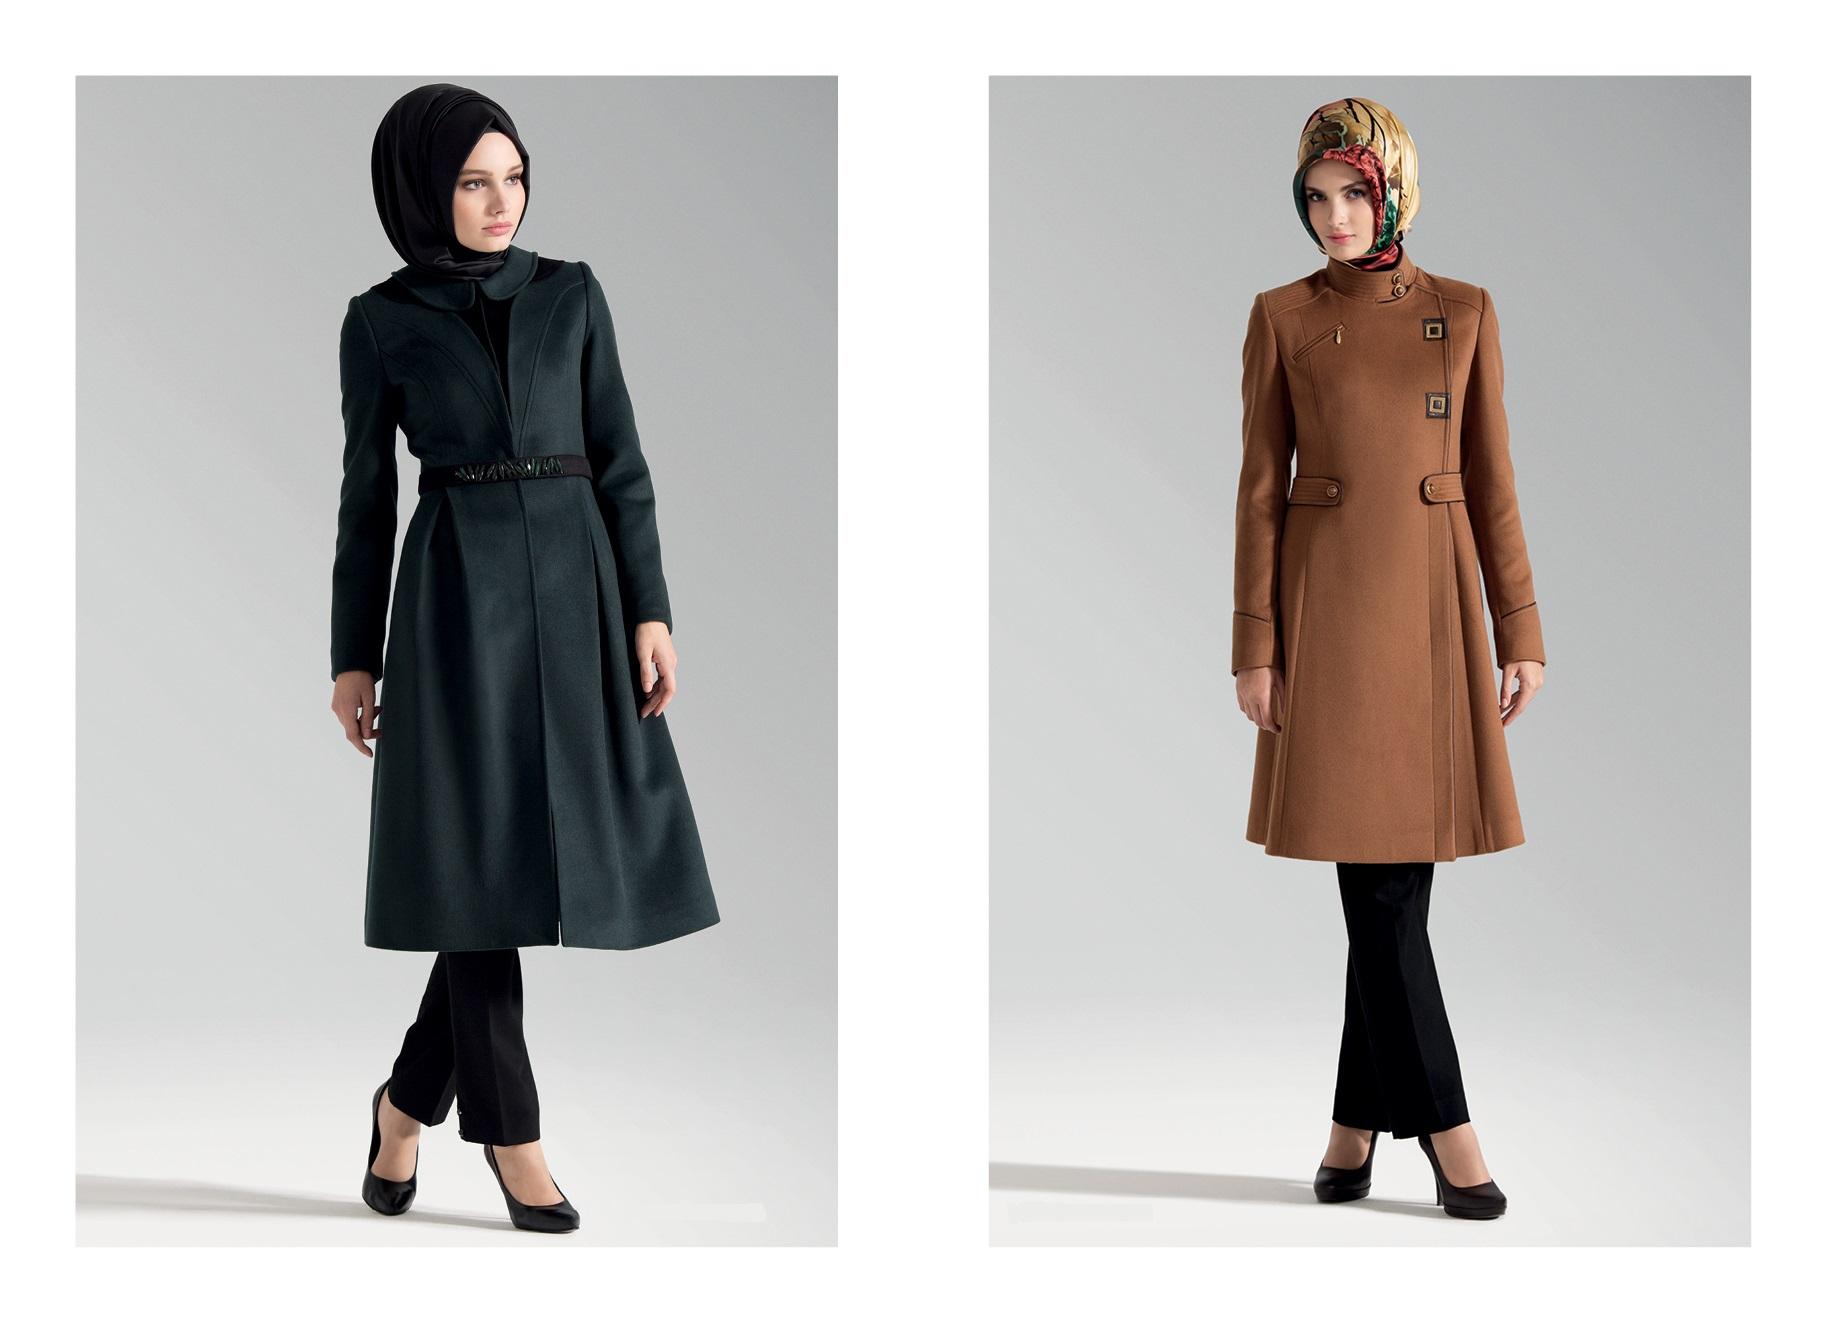 صورة ملابس خروج حريمي , اشيك موديلات لملابس خروج للنساء